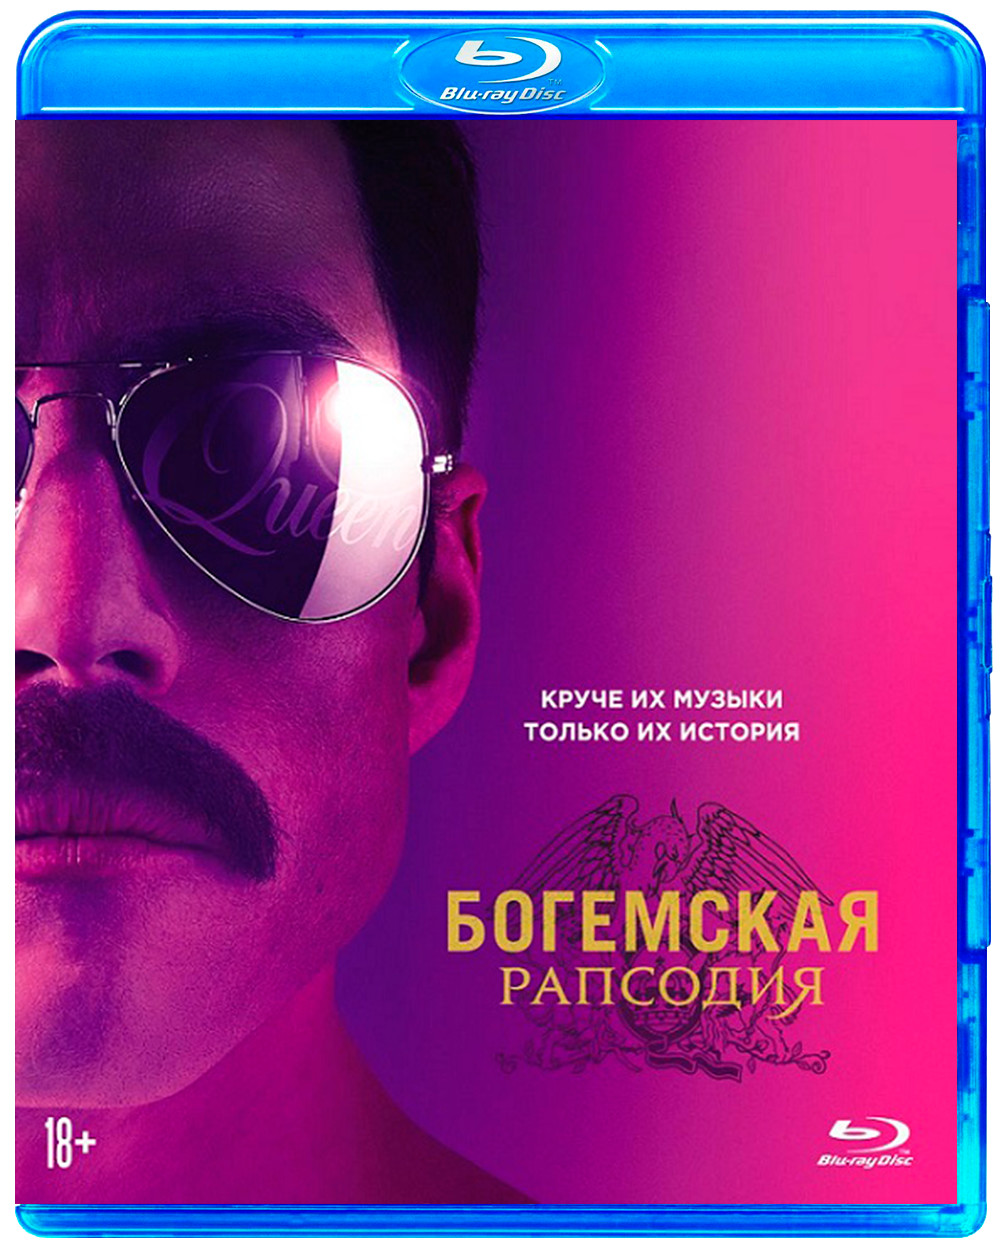 http://forumupload.ru/uploads/0012/d6/0d/1577/560574.jpg